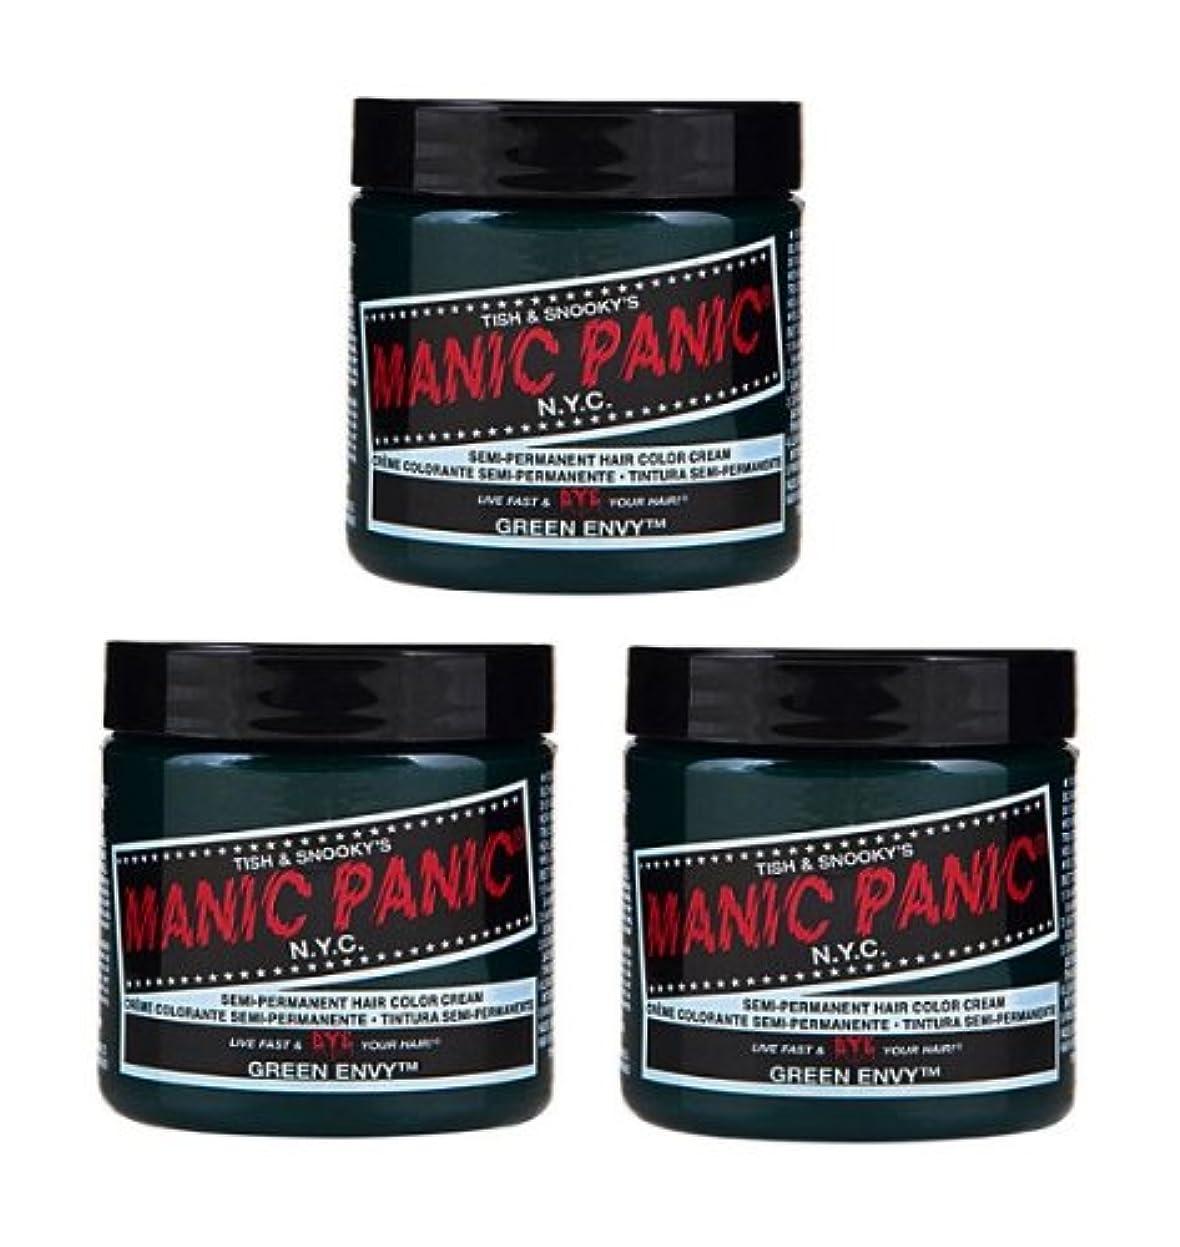 食料品店びっくりする高く【3個セット】MANIC PANIC マニックパニック Green Envy グリーンエンヴィ 118ml